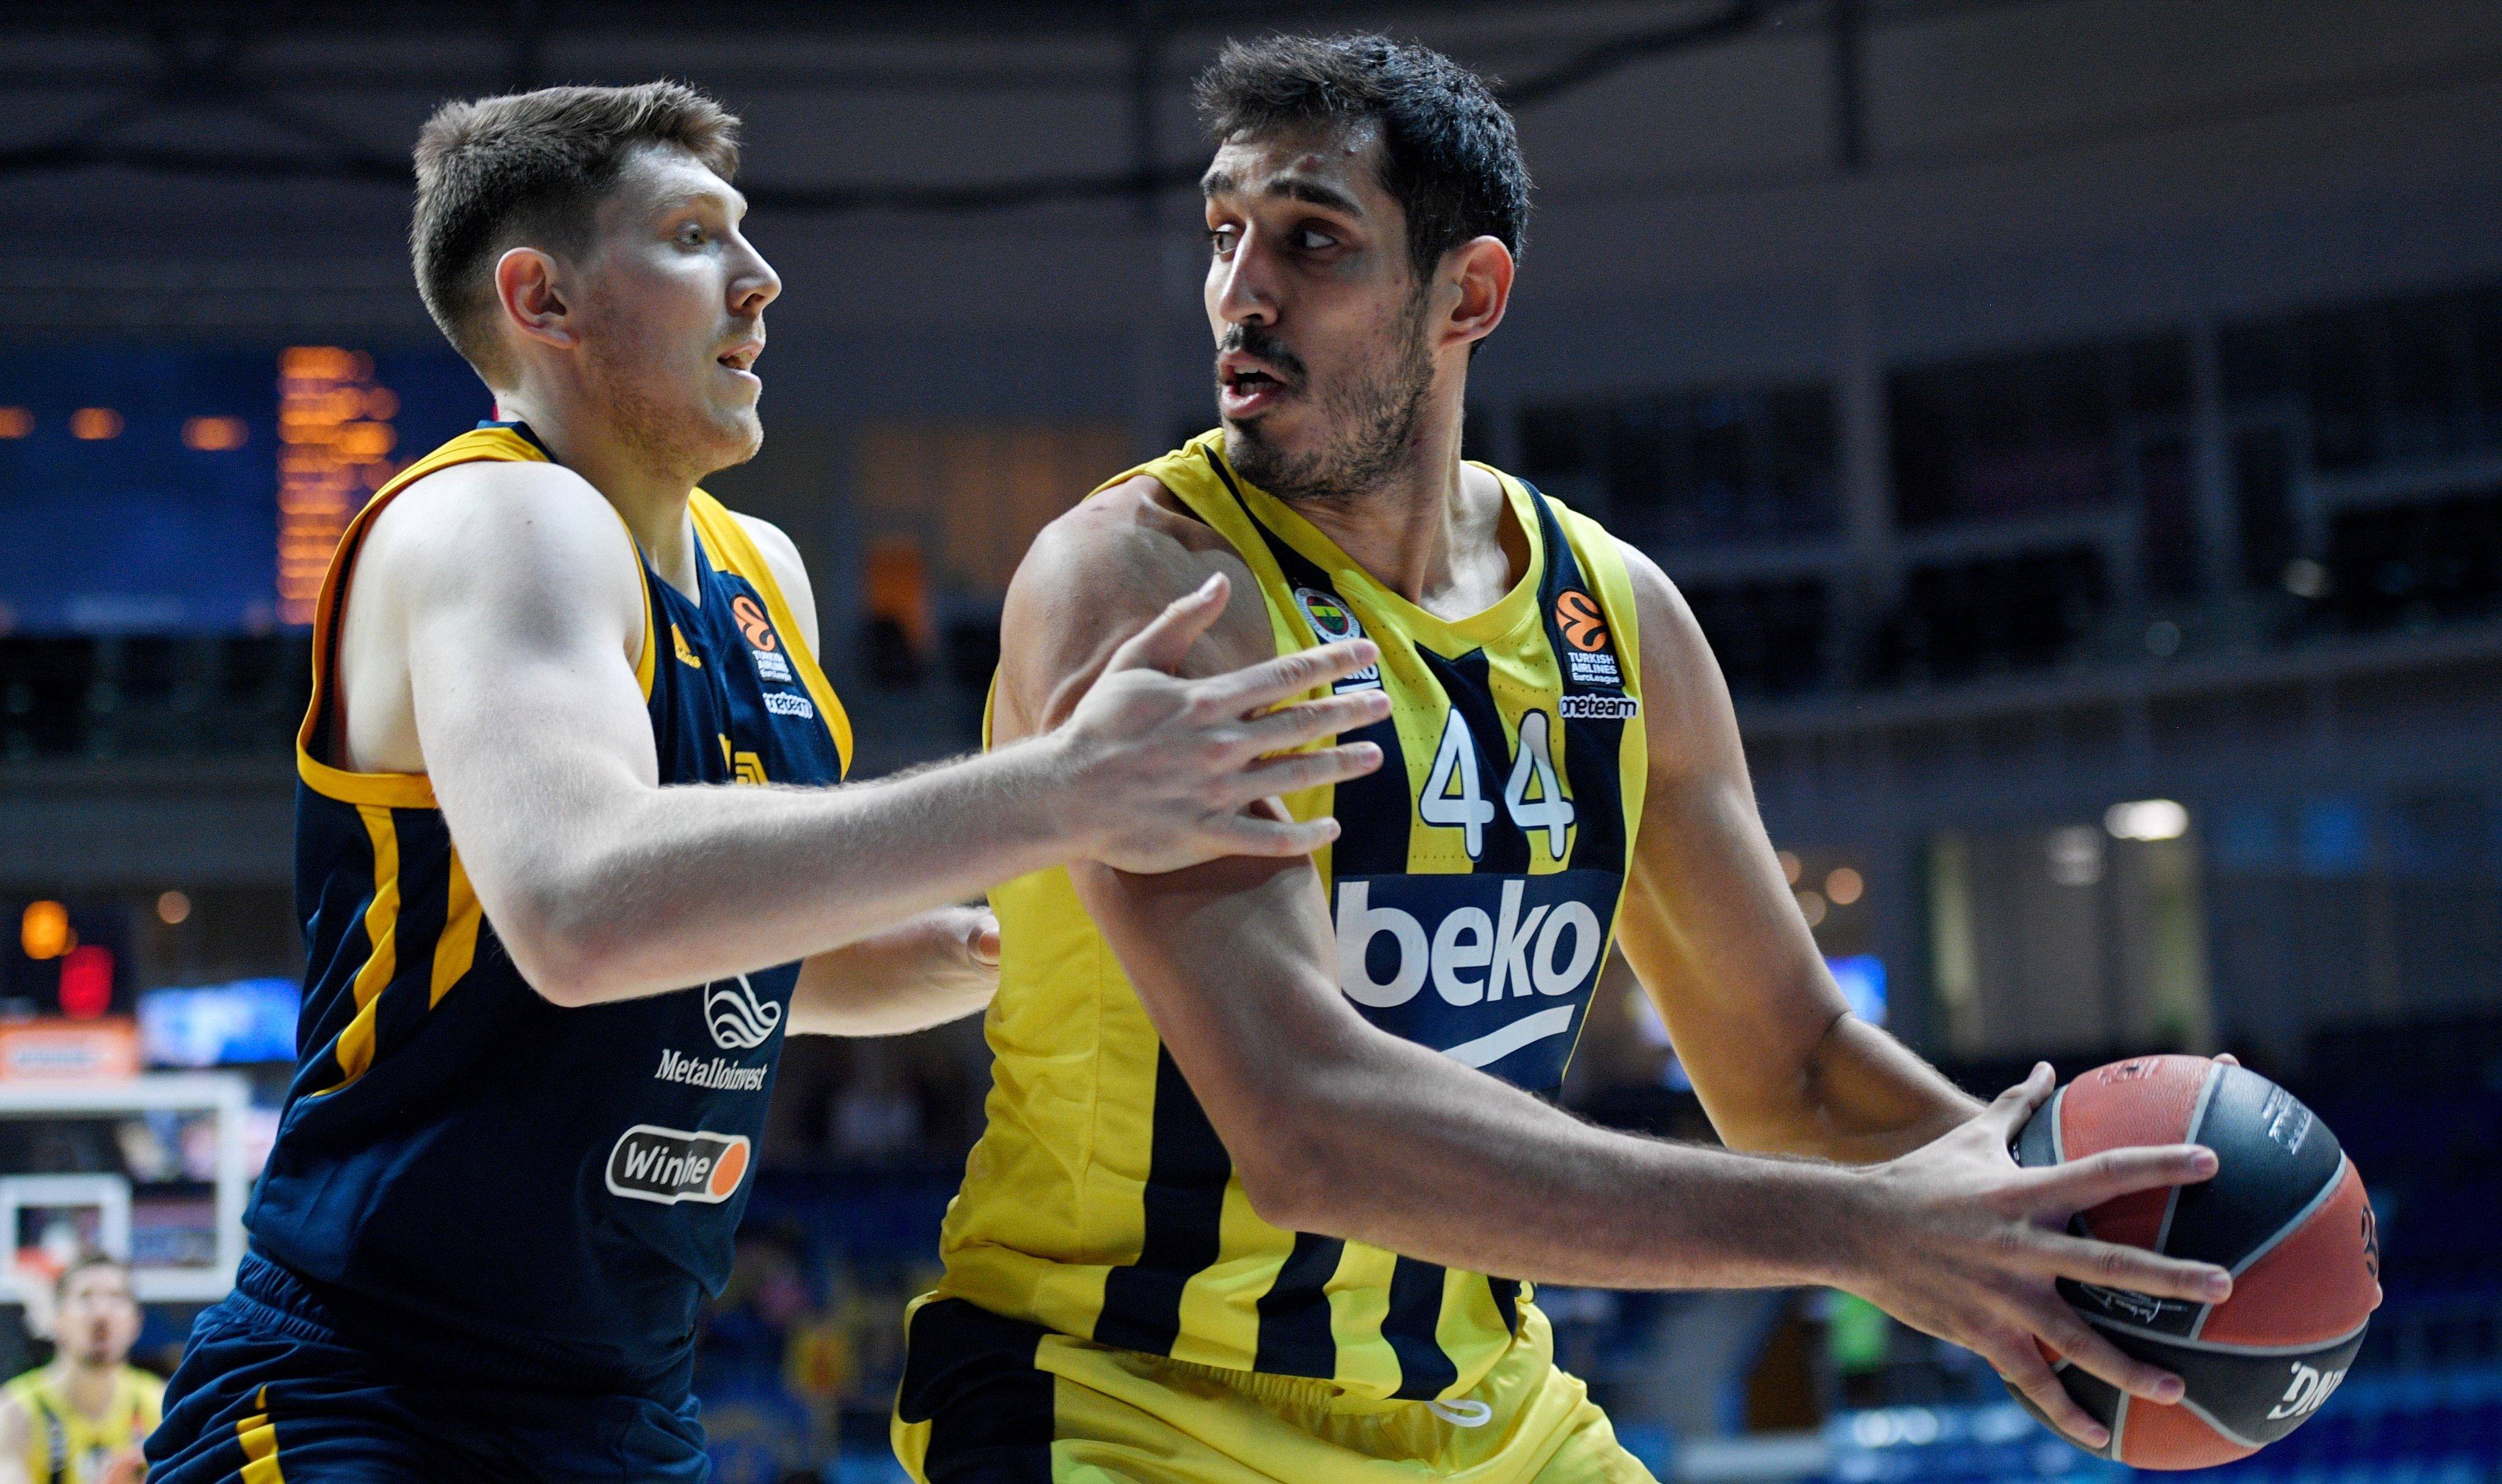 EuroLeague – Il Khimki crolla nella ripresa, il Fenerbahçe lo annienta e fa 8 vittorie di fila